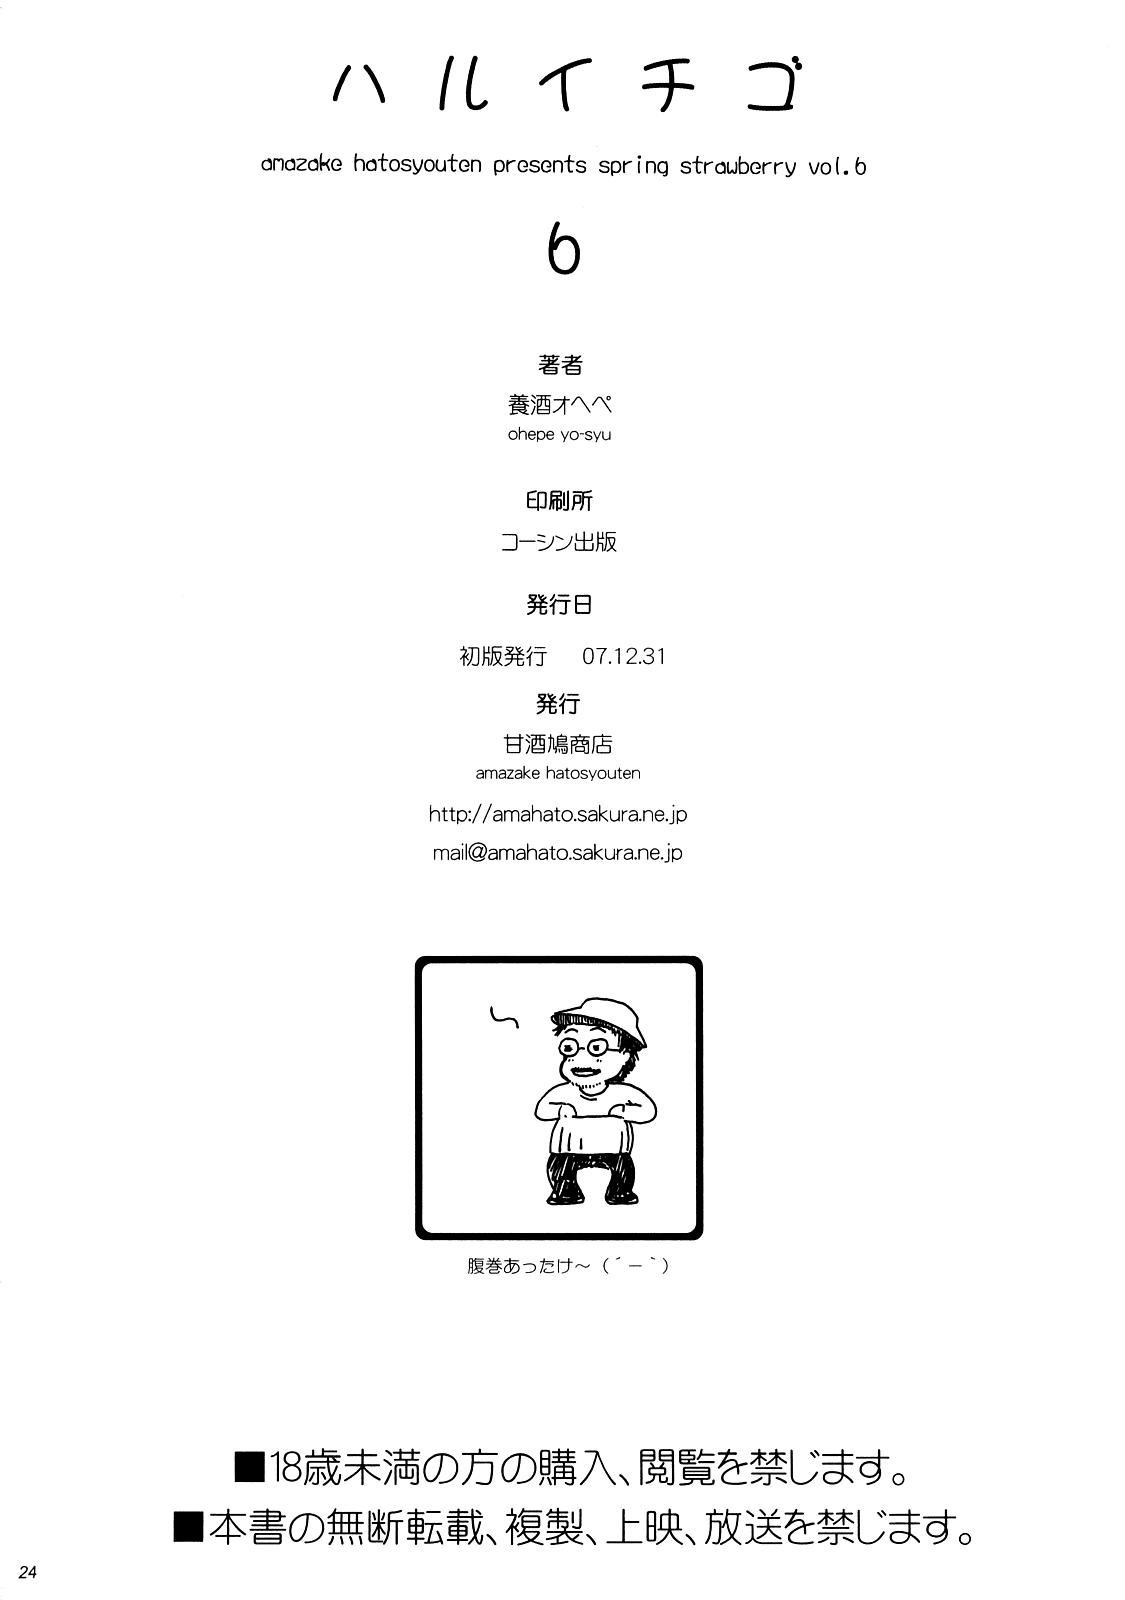 Haru Ichigo Vol. 6 - Spring Strawberry Vol. 6 19